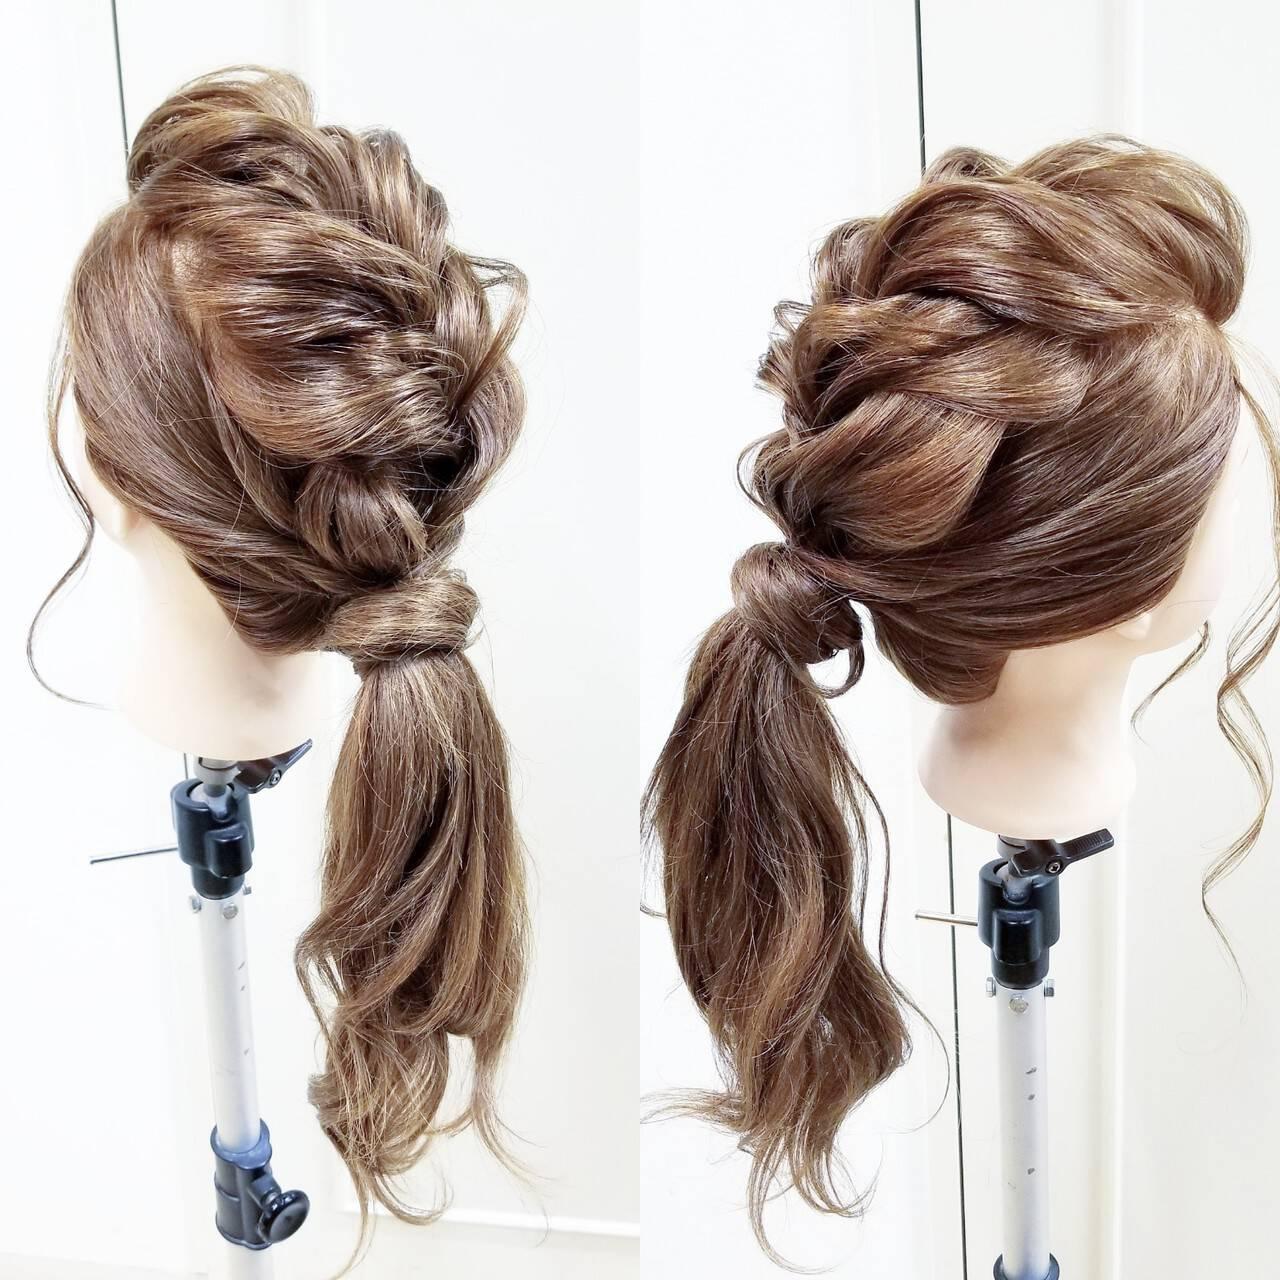 エレガント ヘアアレンジ ゆるふわ ロングヘアスタイルや髪型の写真・画像